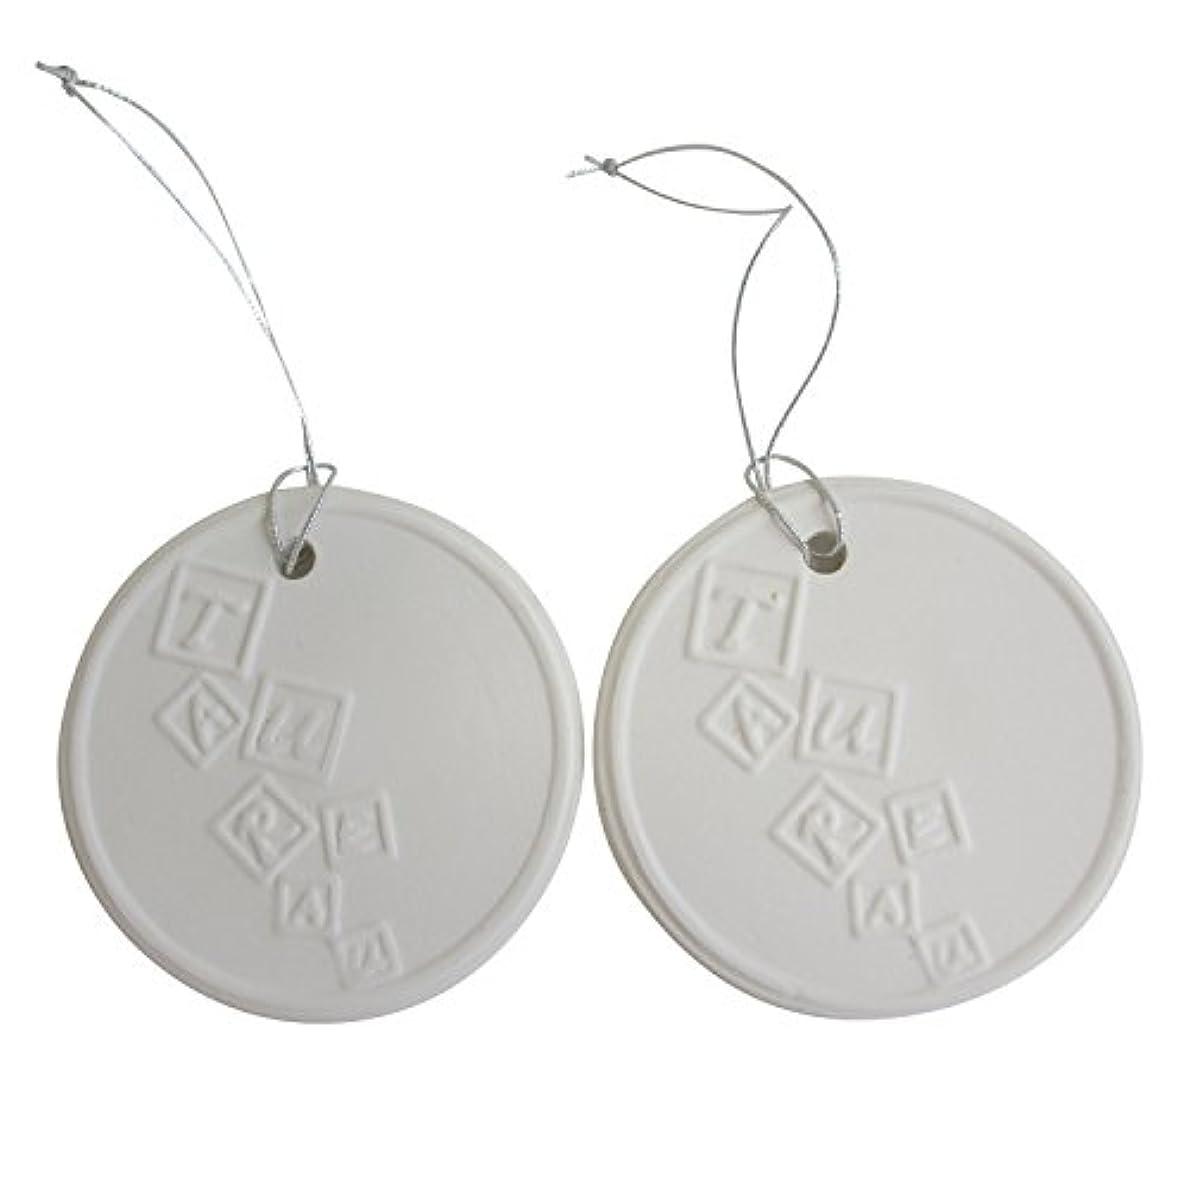 上がる労働者オークションアロマストーン ホワイトコイン 2セット(ロゴ2) アクセサリー 小物 キーホルダー アロマディフューザー ペンダント 陶器製